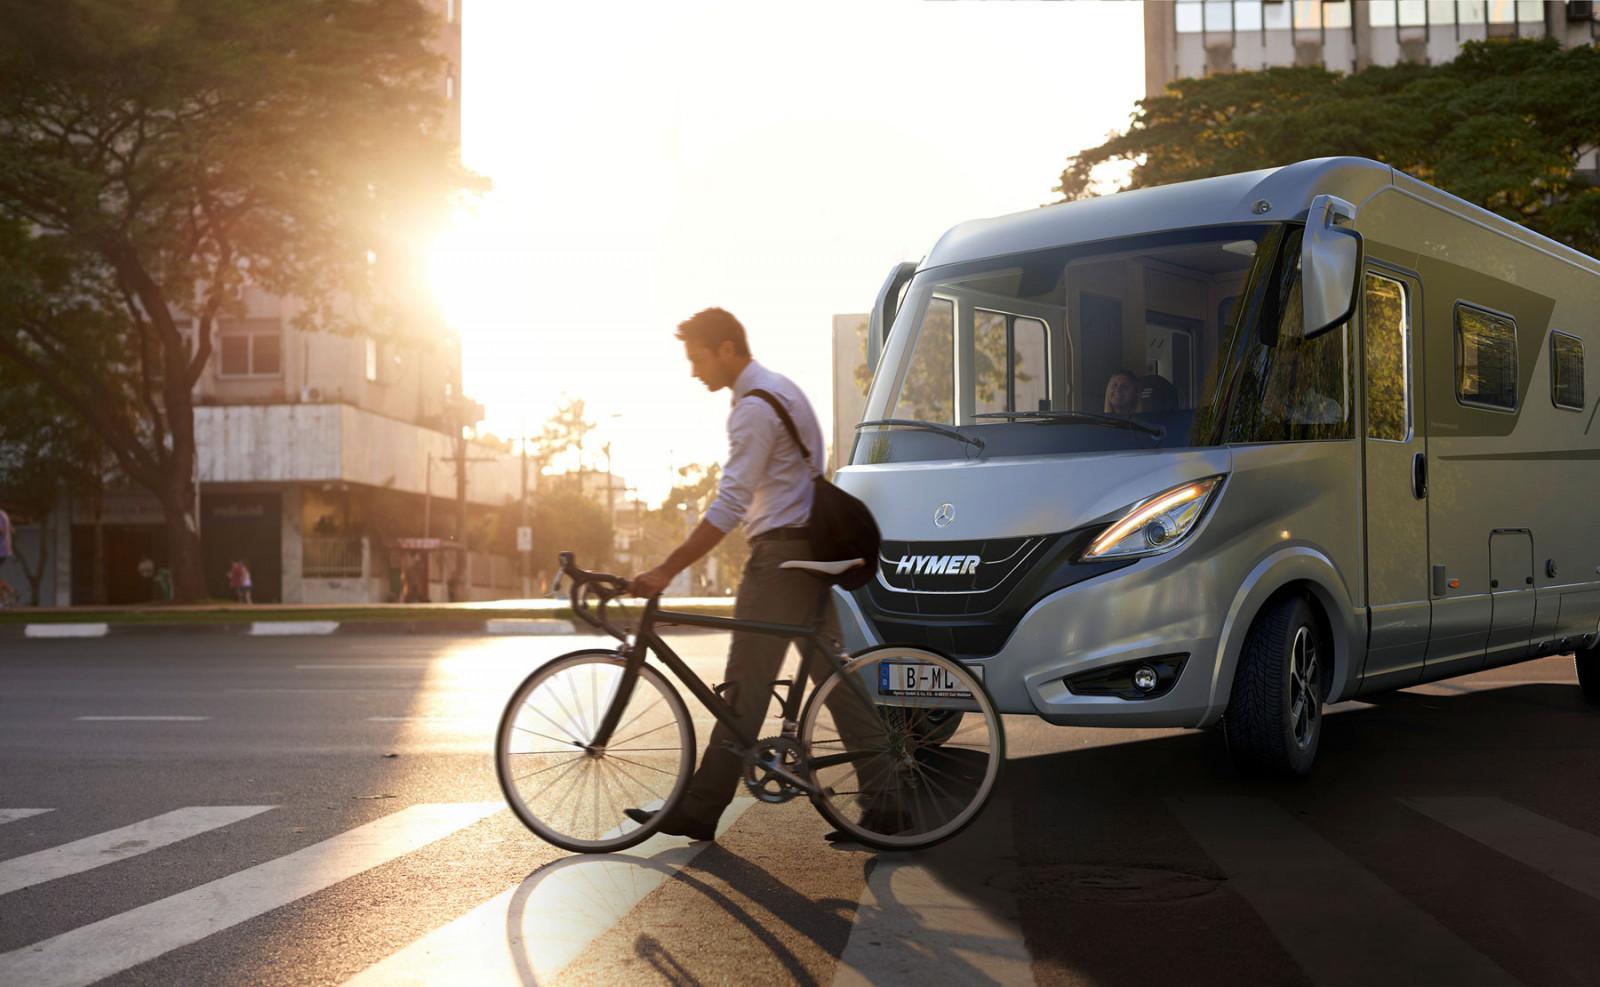 S Hymermobil B-Klasse MasterLine sa svet stane domovom a každý výlet do mesta potešením.